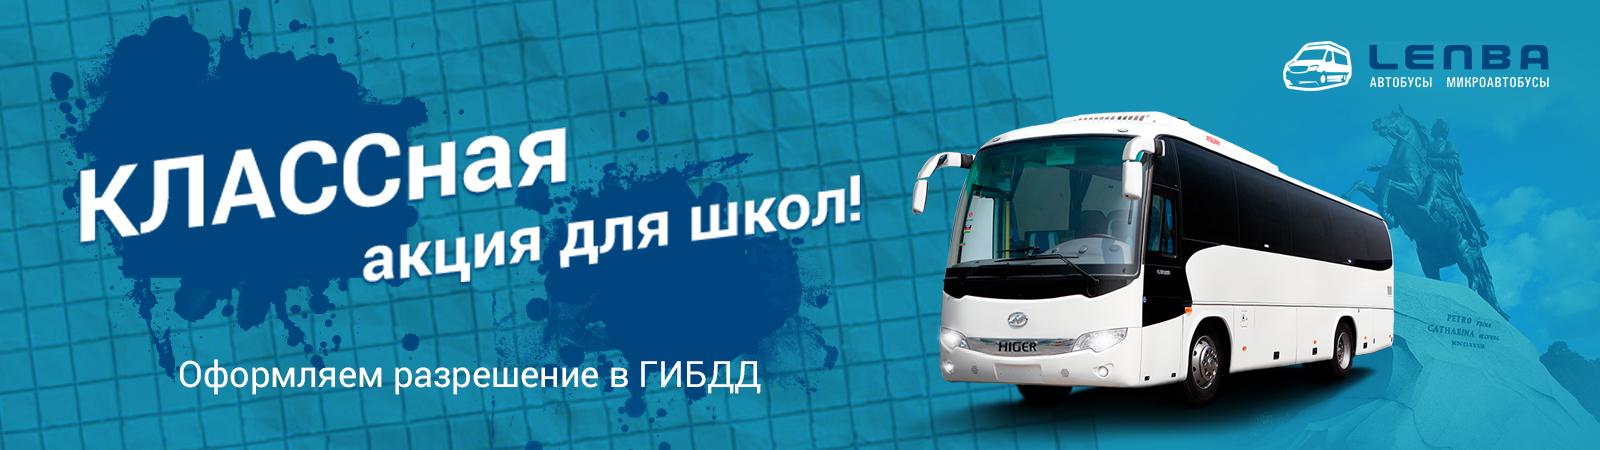 Экскурсии для детей по Санкт-Петербургу